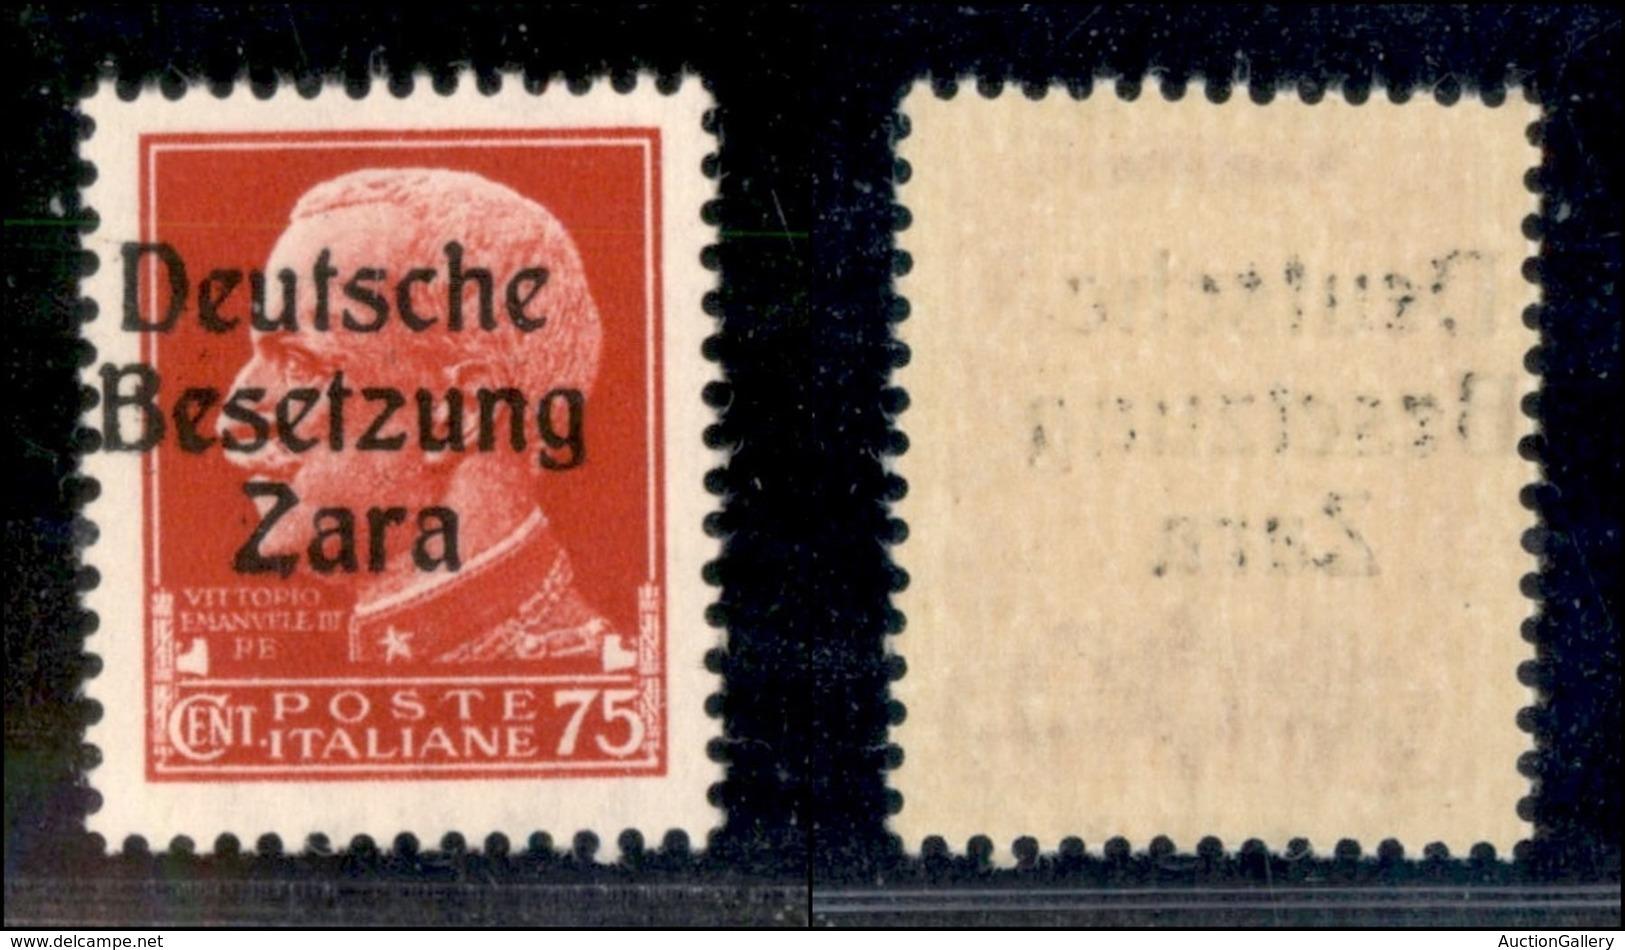 OCCUPAZIONI STRANIERE DI TERRITORI ITALIANI - OCCUPAZIONE TEDESCA - ZARA - 1943 - 75 Cent (8e - Primo Tipo) Con Soprasta - Unclassified